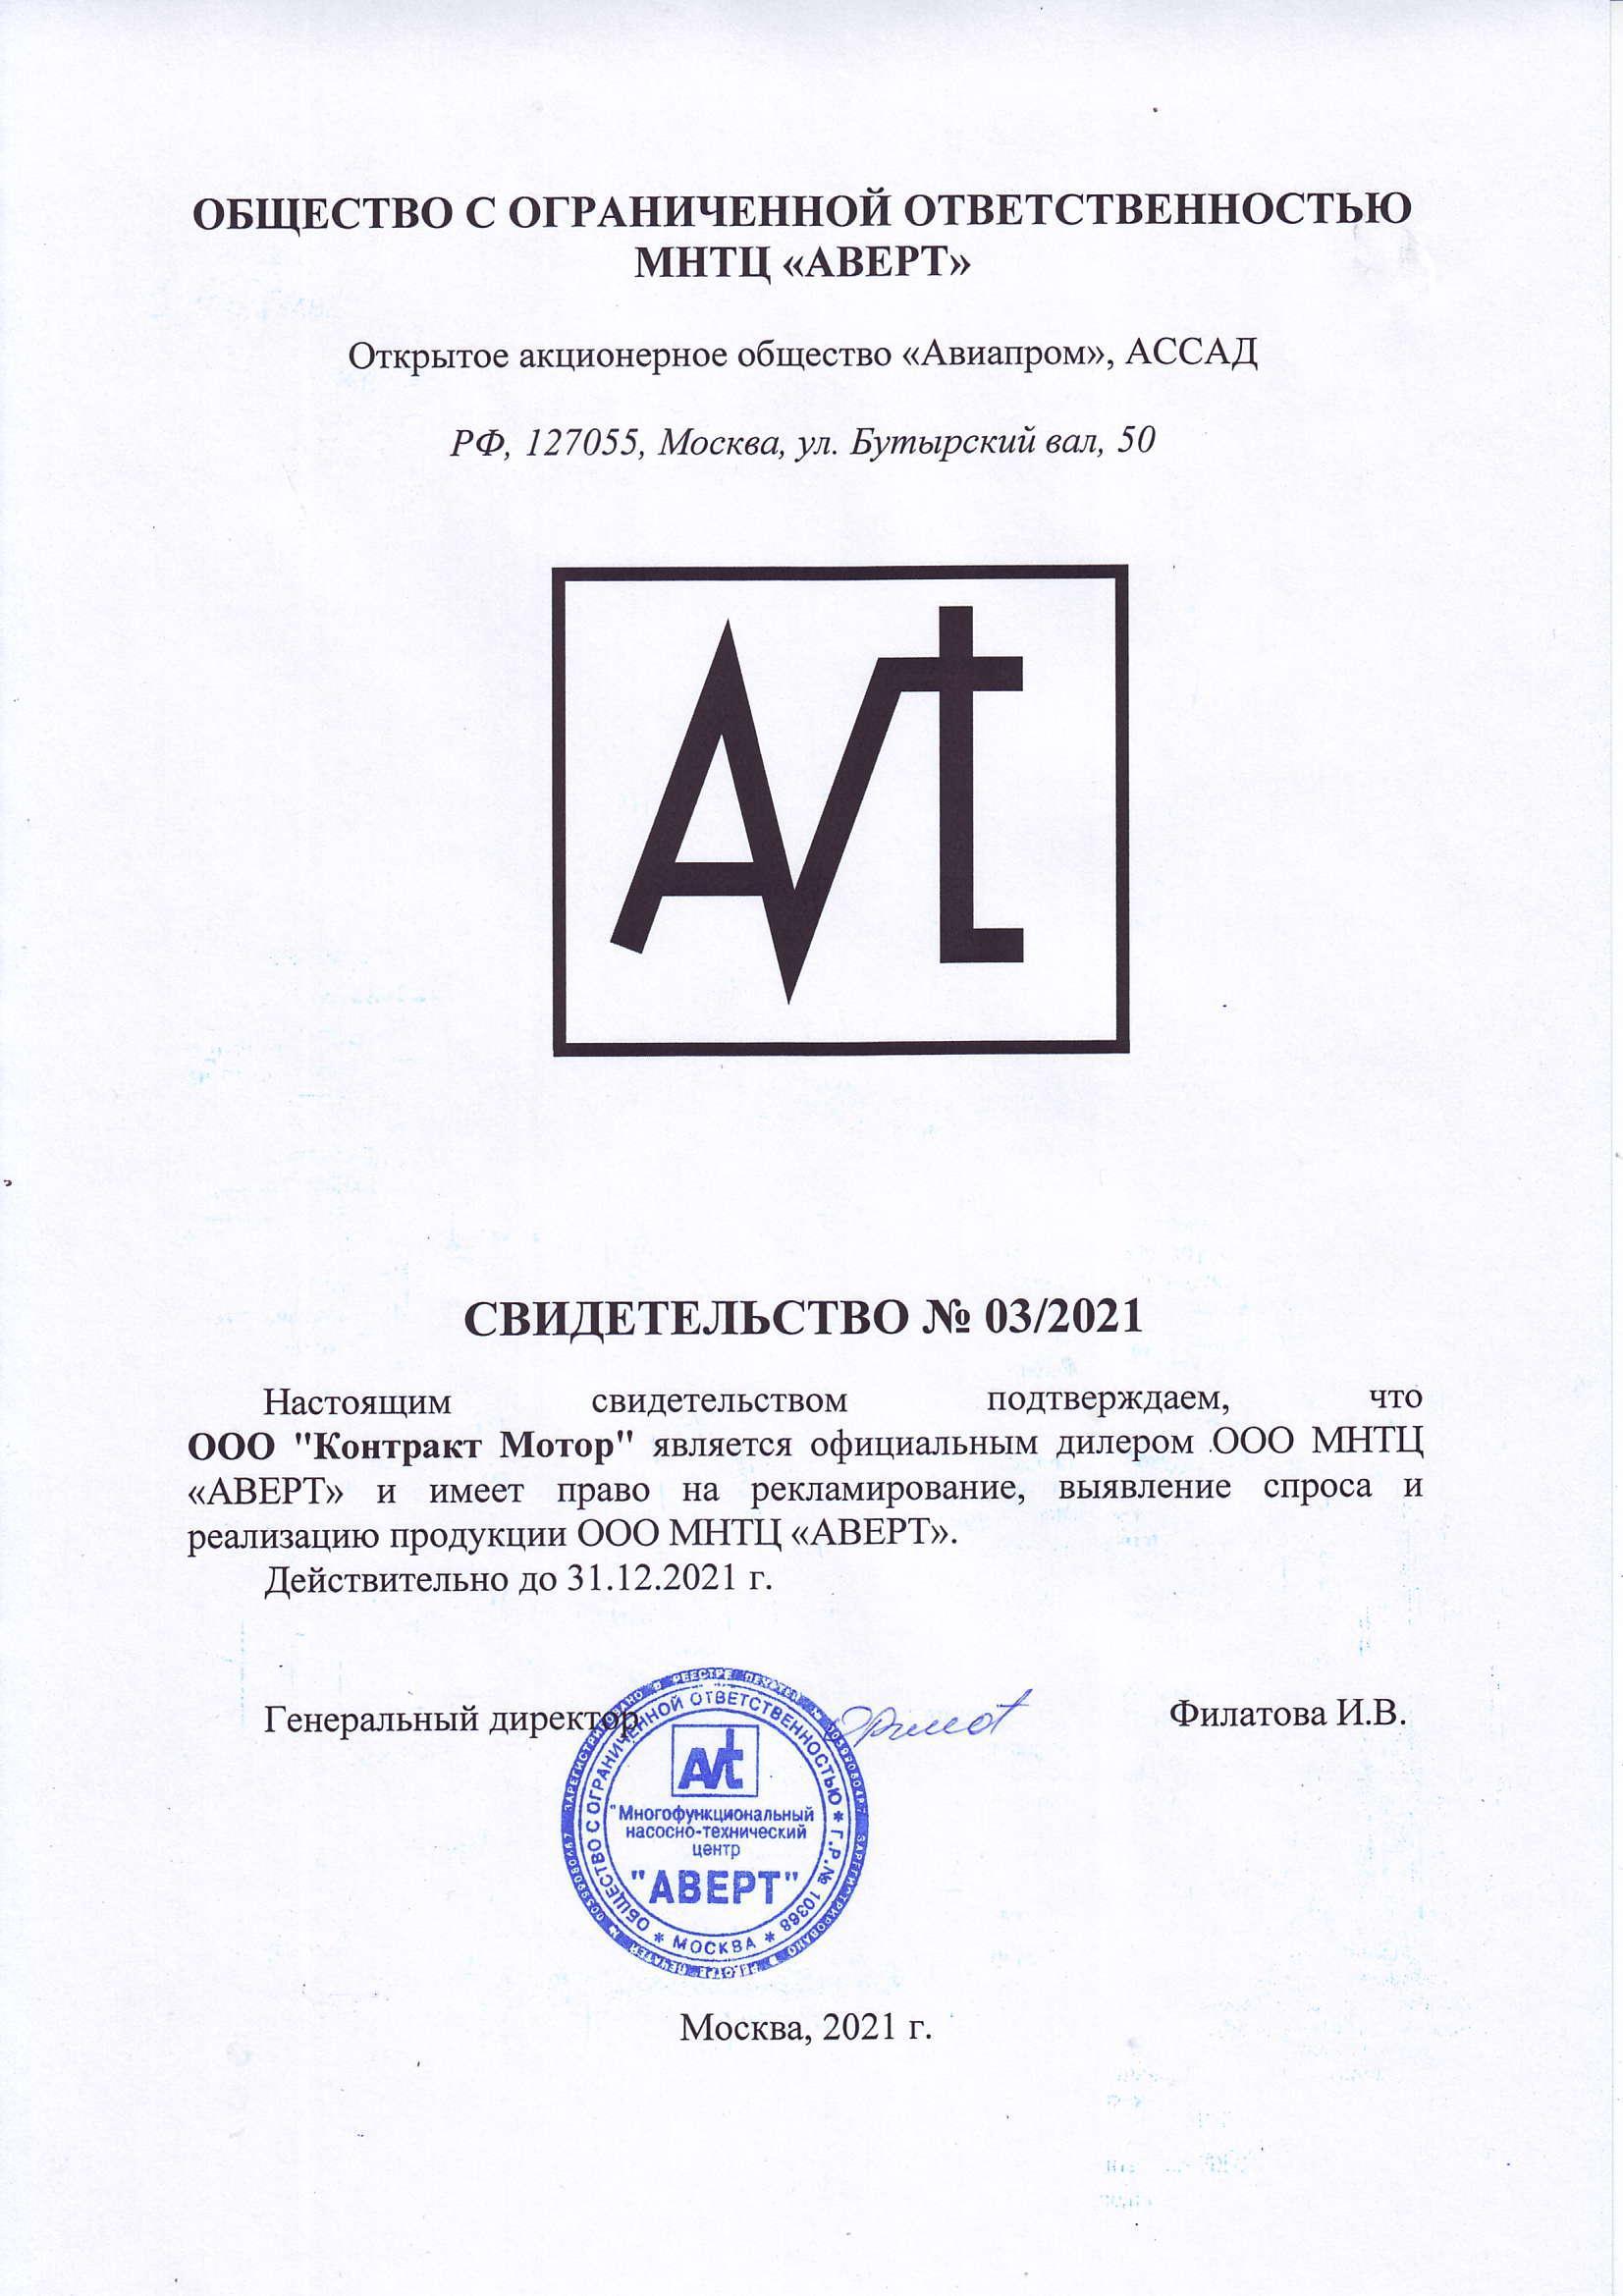 Сертификат Московский научно-технический центр «АВЕРТ»